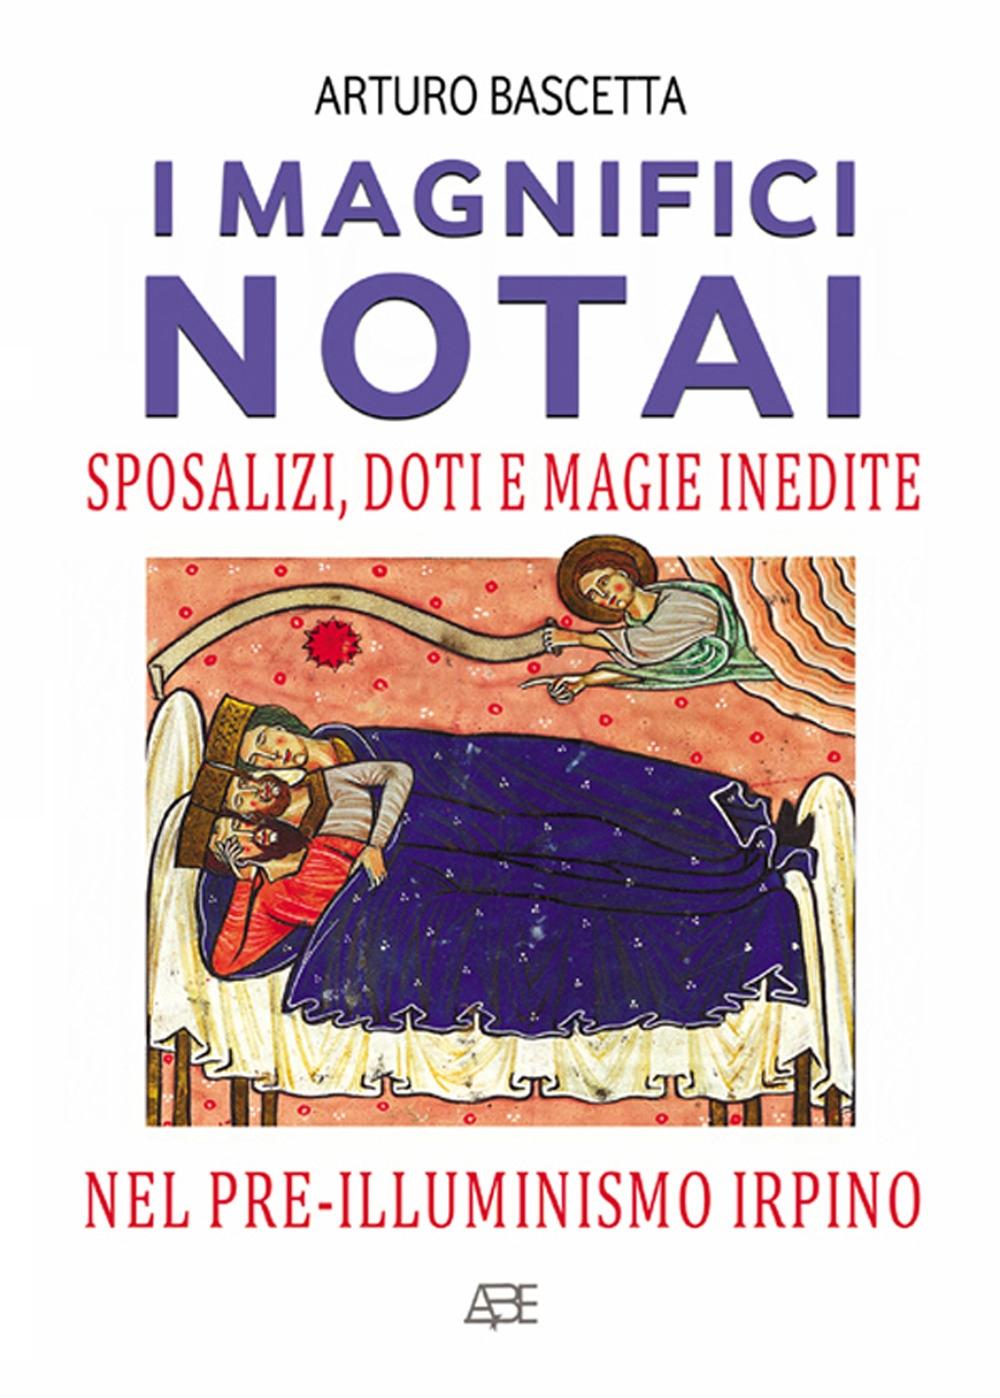 I magnifici notai. Sposalizi, doti e magie inedite nel pre-illuminismo irpino.